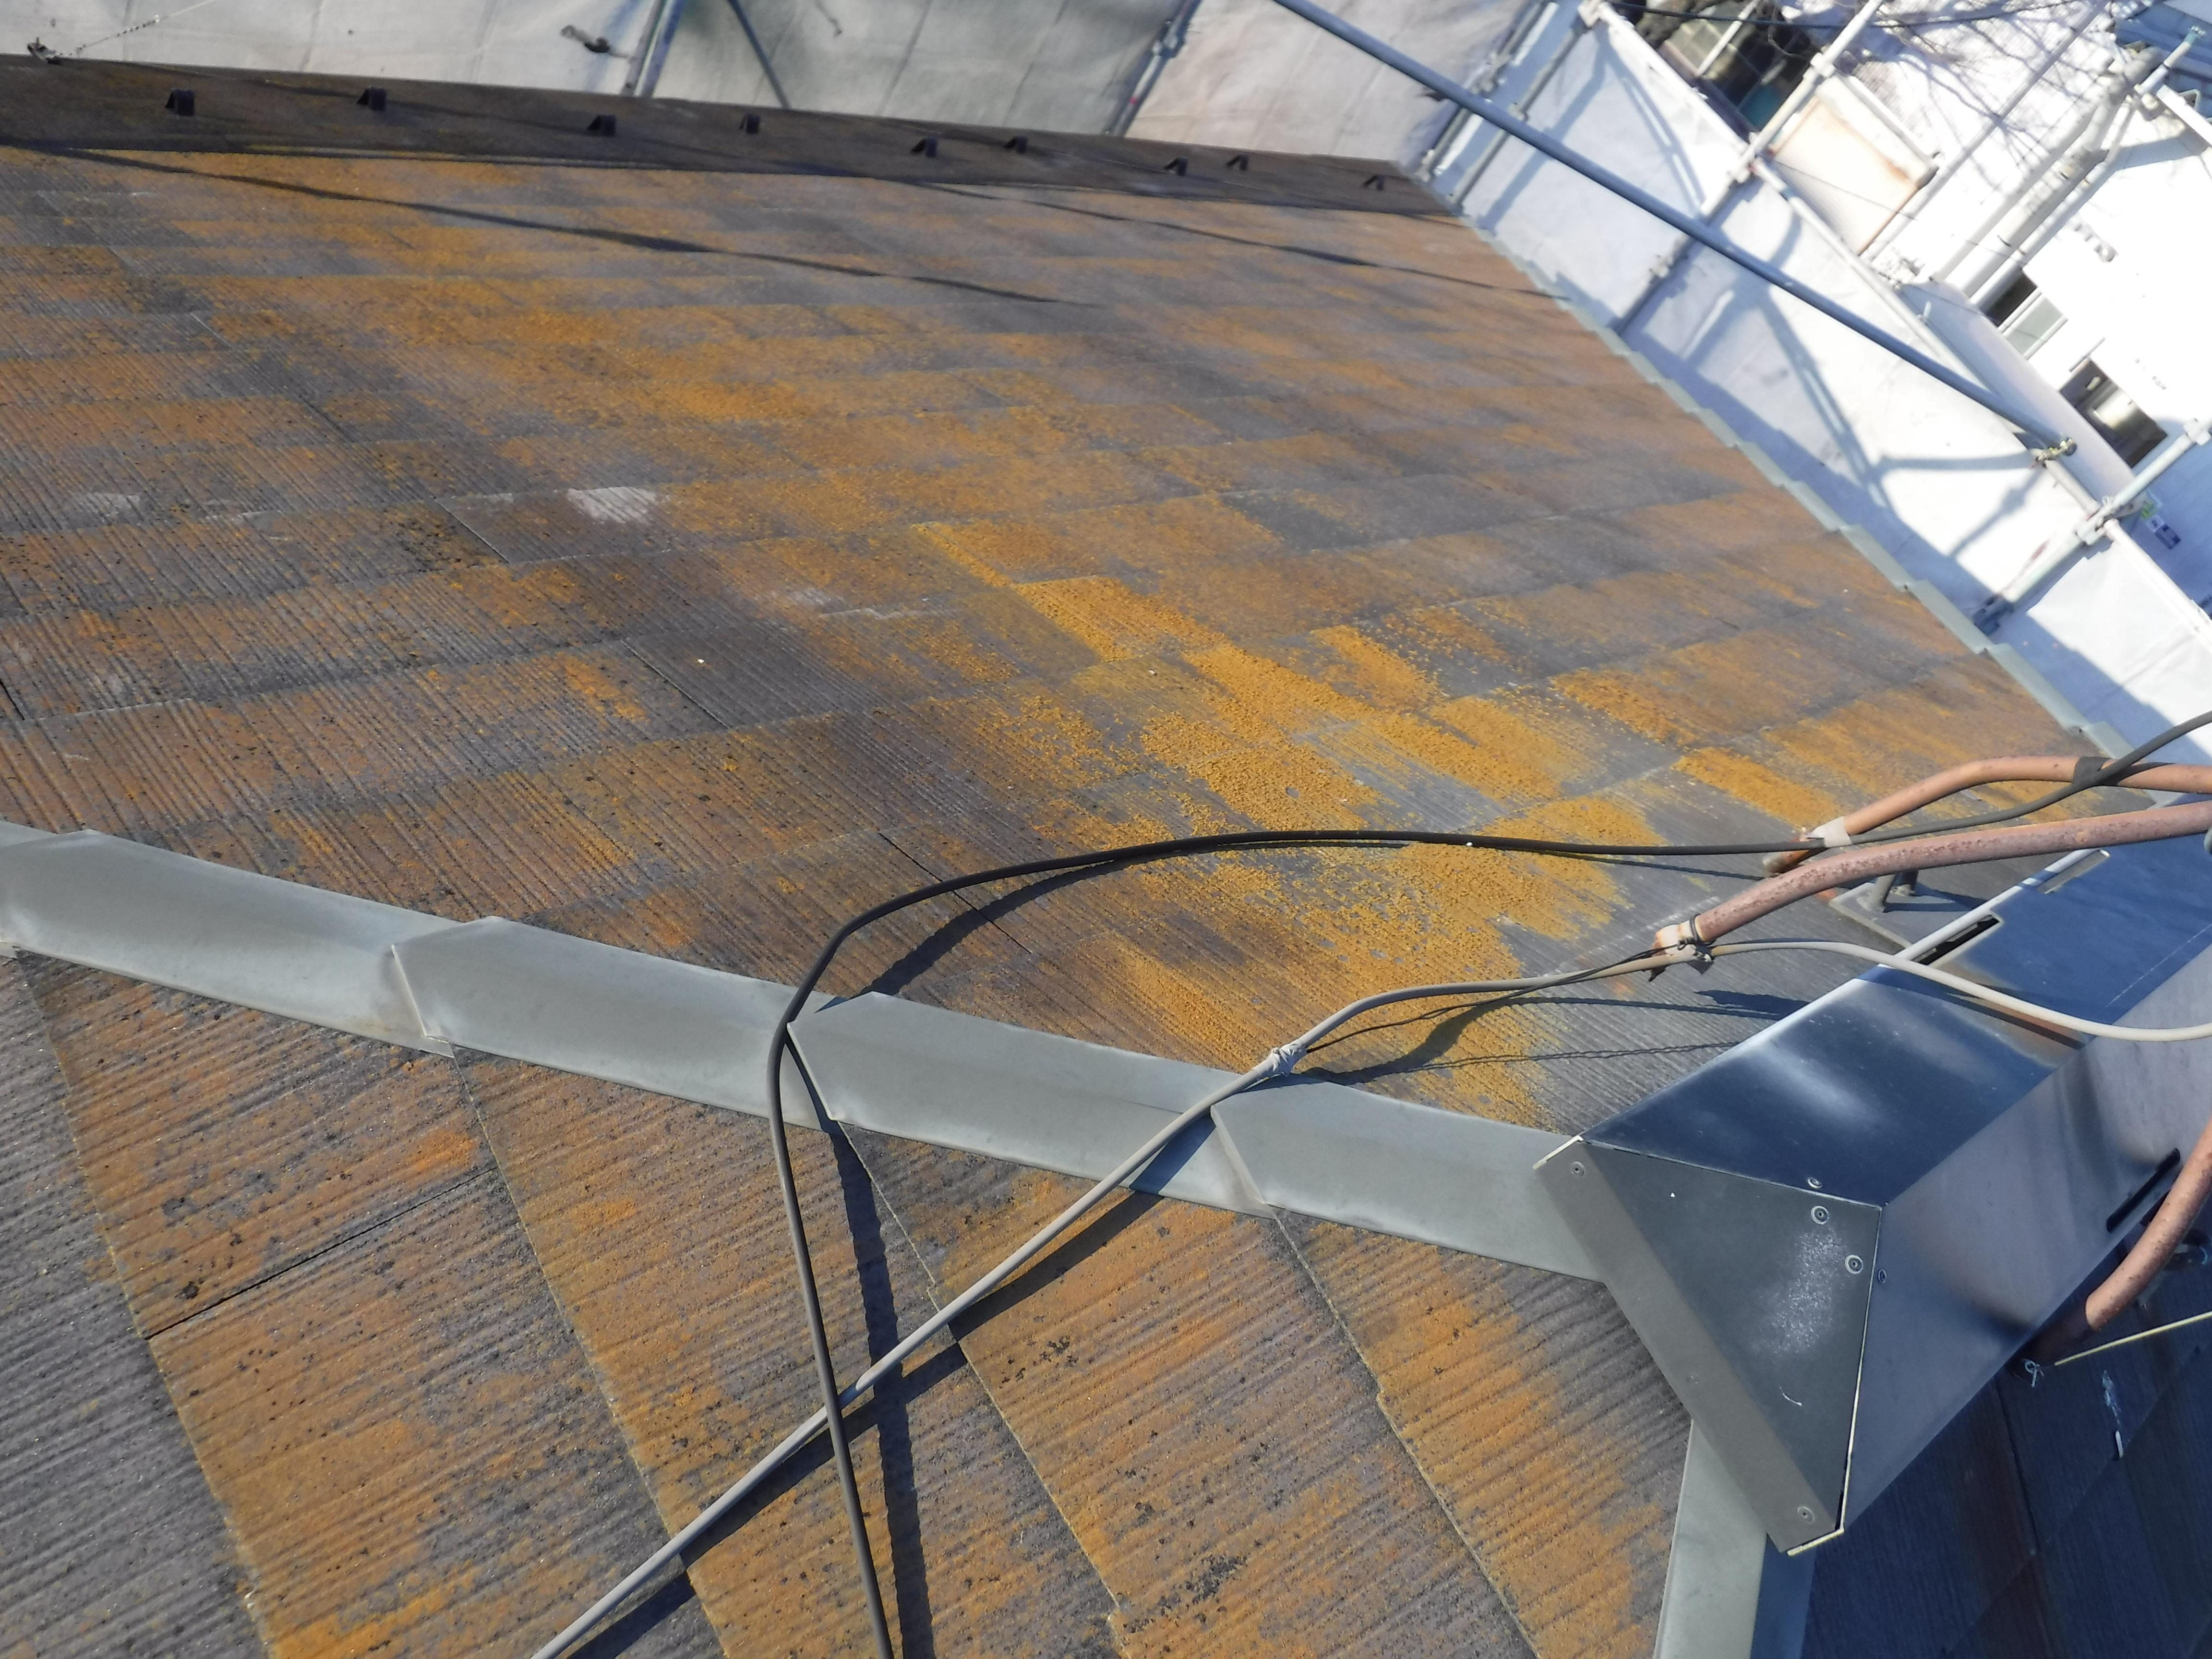 いろいろ検討。外壁塗装をお願いします。屋根&外壁 現状